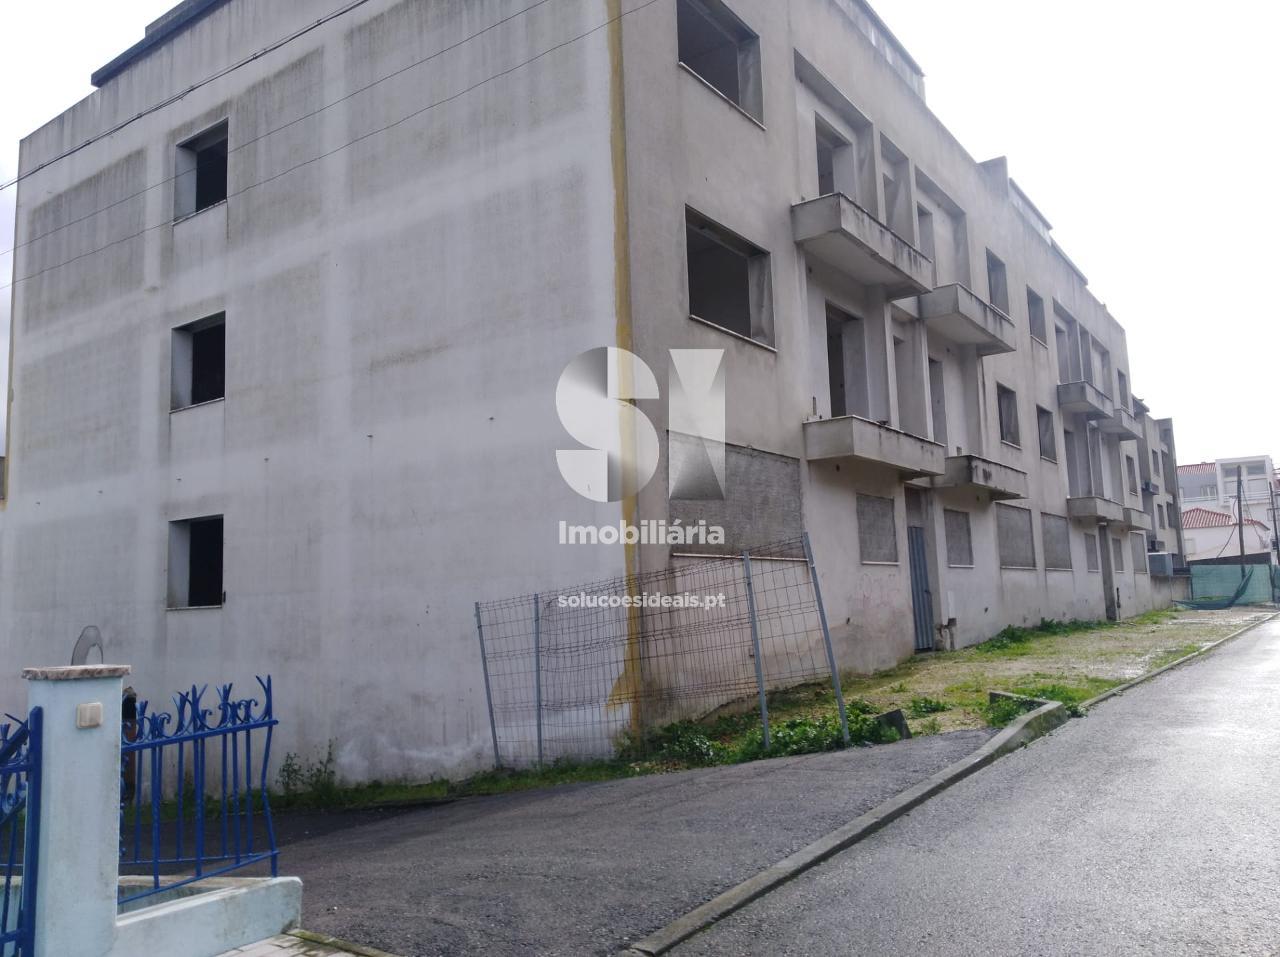 terreno para compra em bombarral uniao das freguesias de bombarral e vale covo LFCRD828